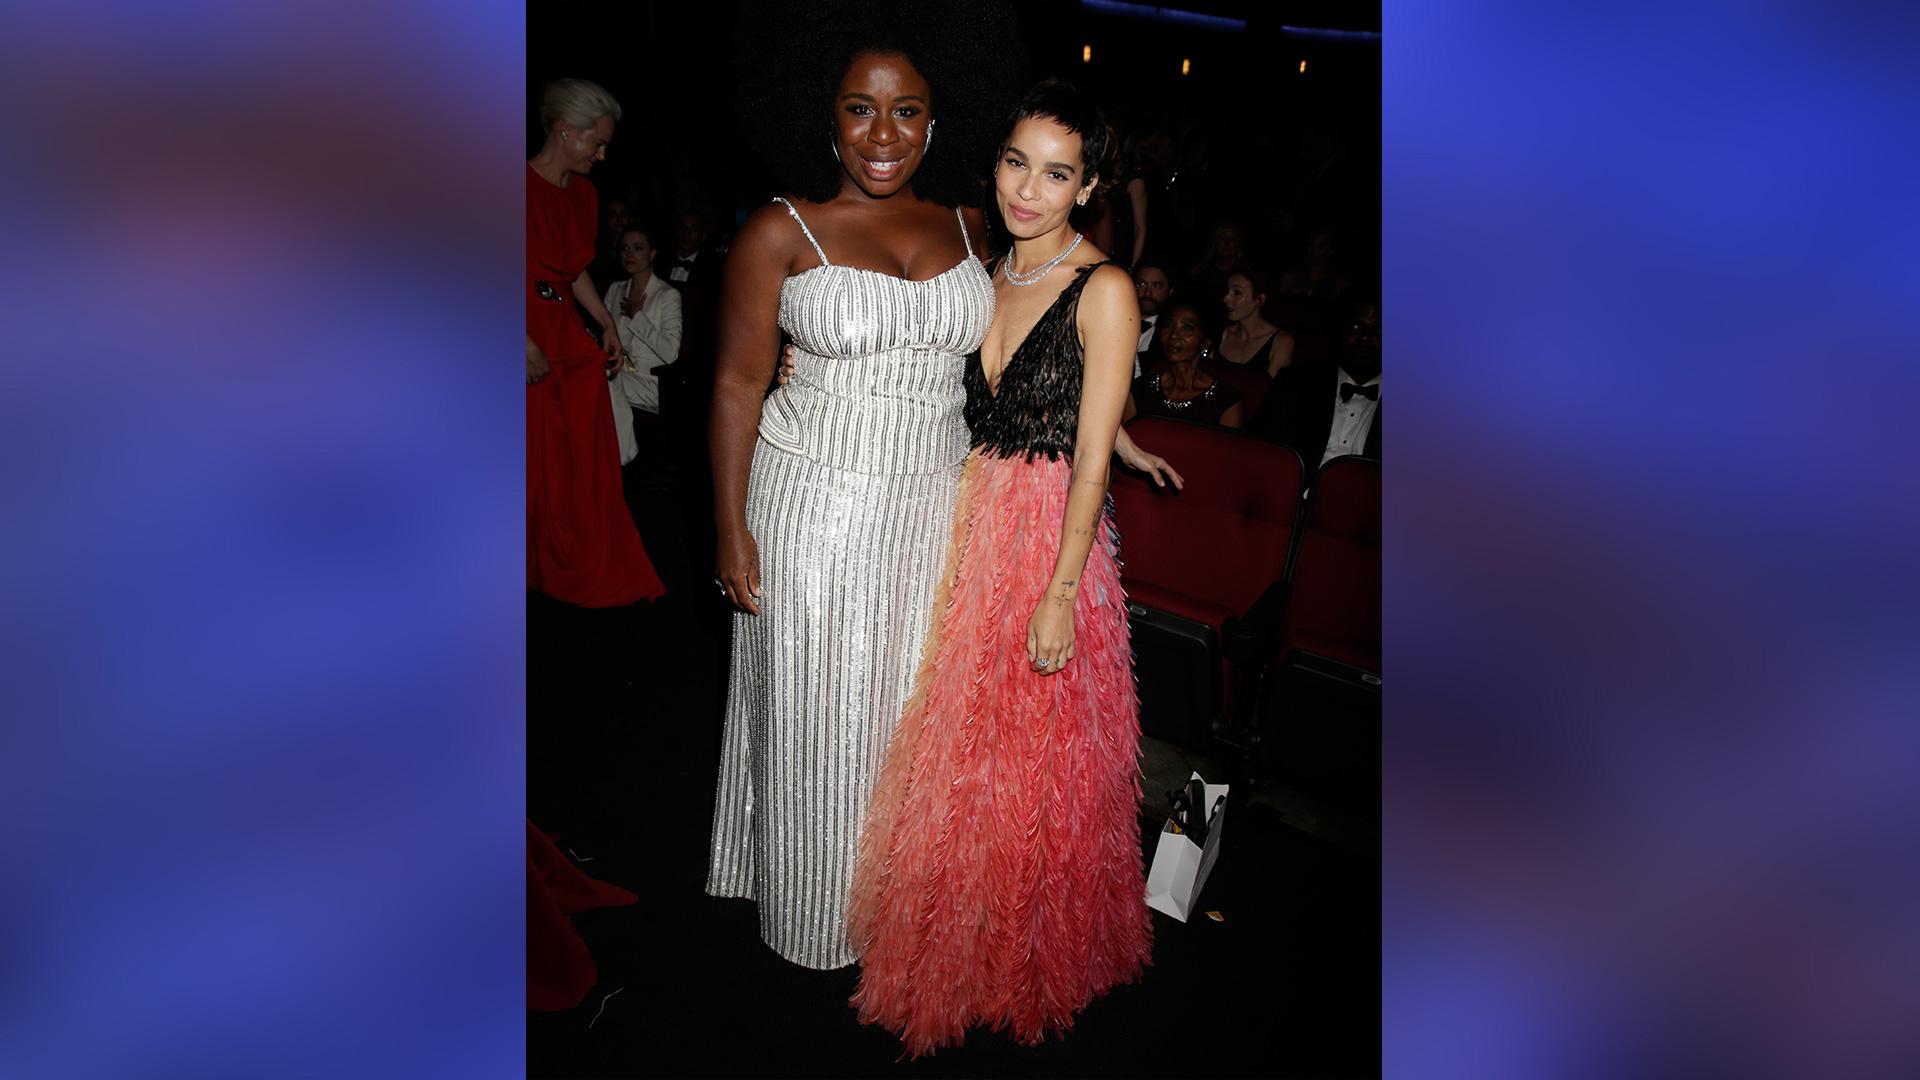 Emmy nominee Uzo Aduba and Big Little Lies star Zoë Kravitz dazzle in their designer gowns.